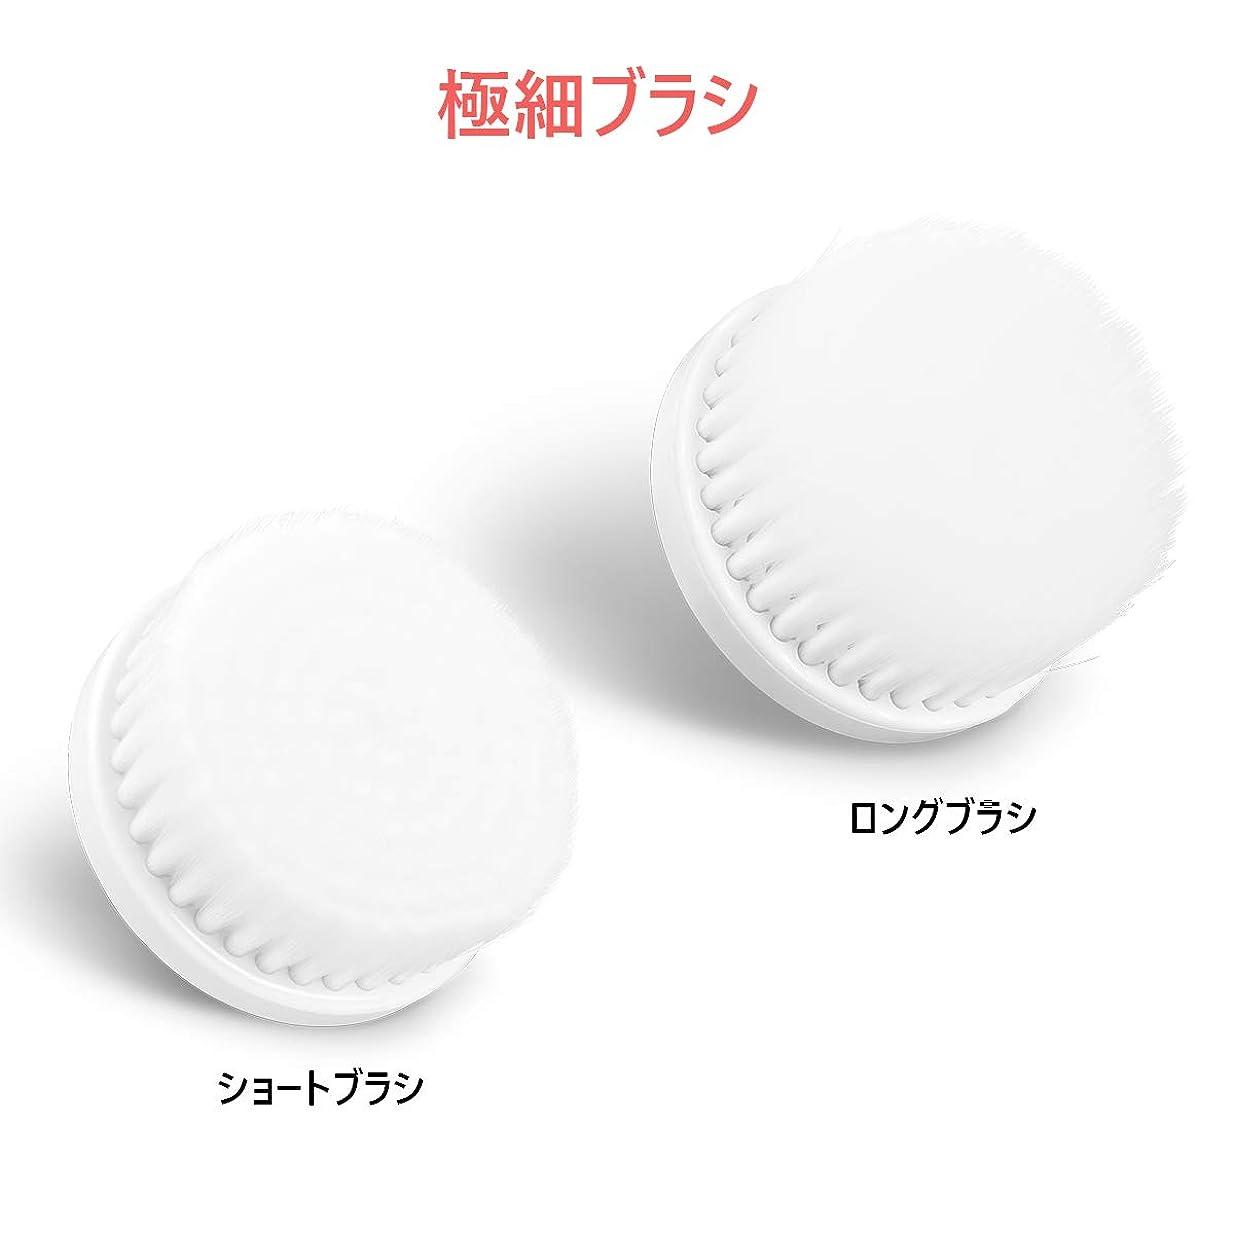 会話バブルぼんやりしたMIQA 電動洗顔ブラシ 専用 交換用ヘッド 替換ブラシ 4個入り